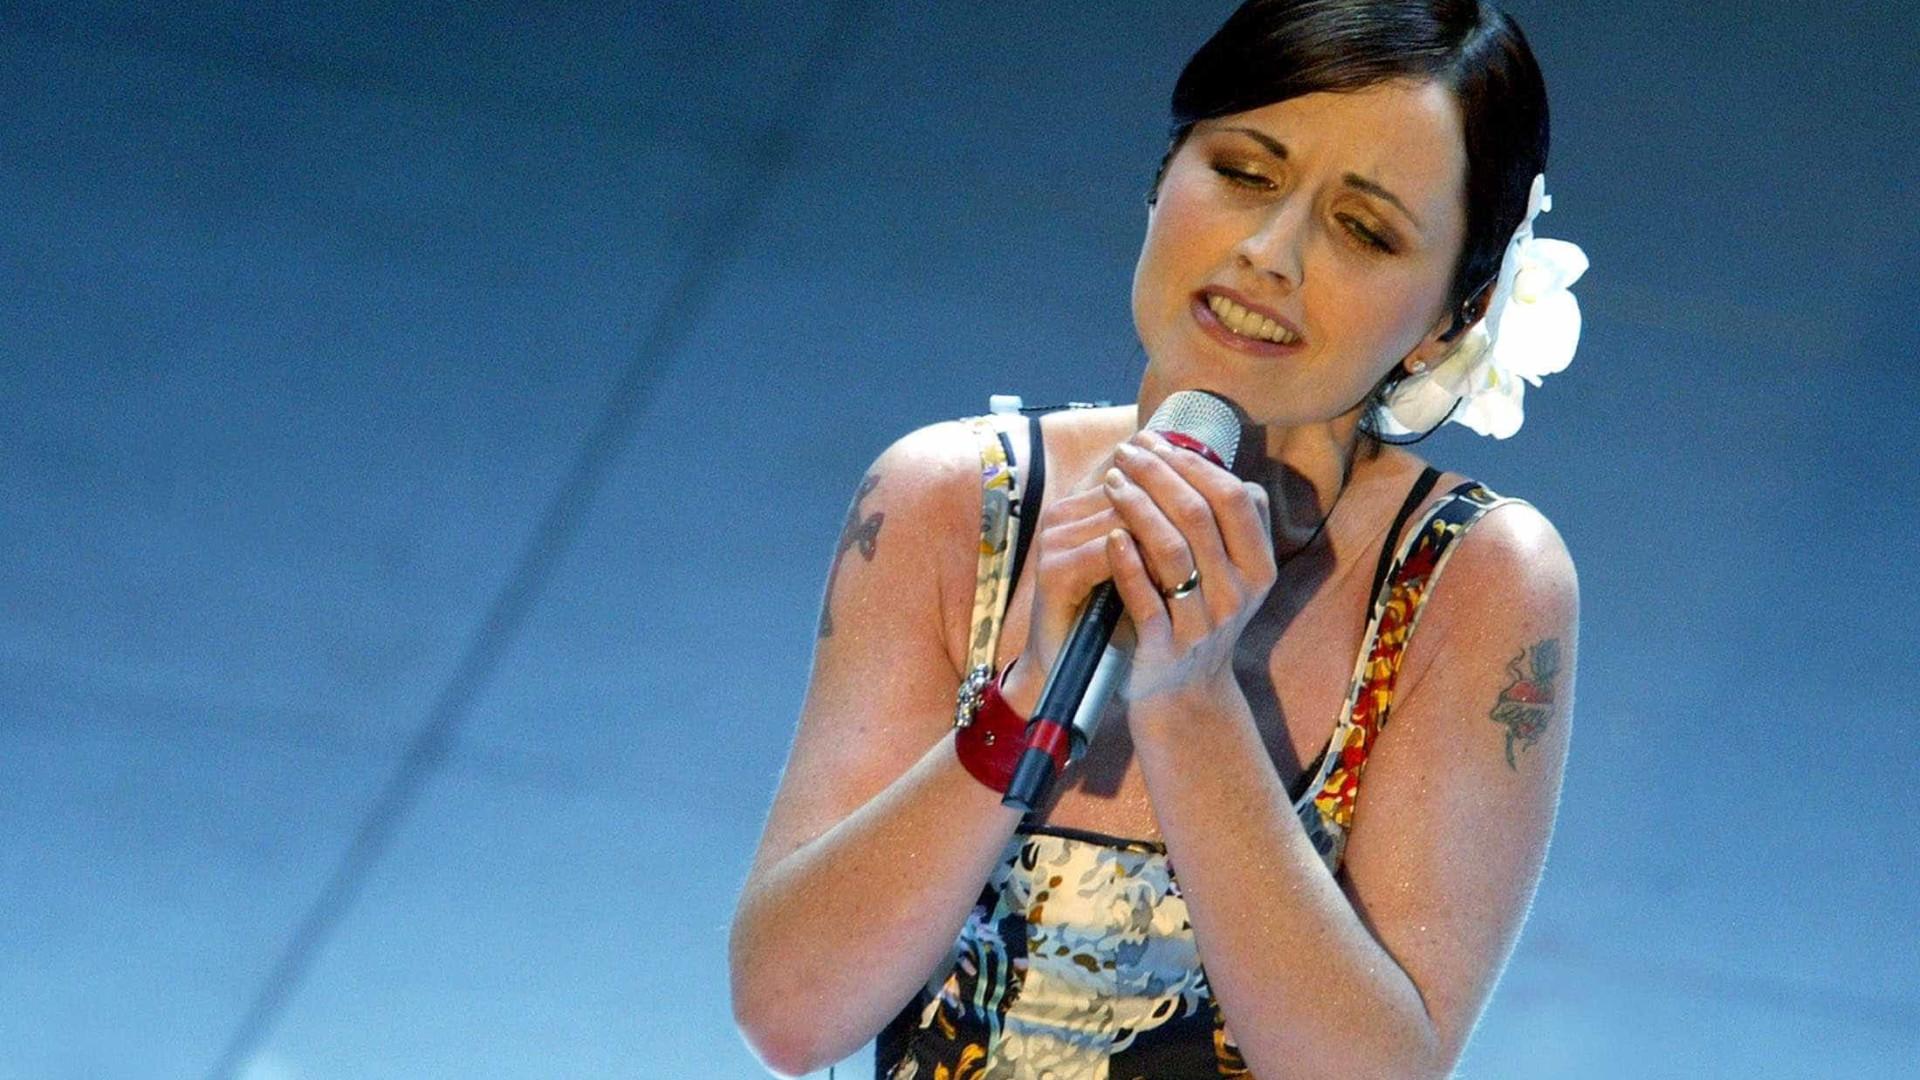 Morre vocalista da banda The Cranberries, aos 46 anos